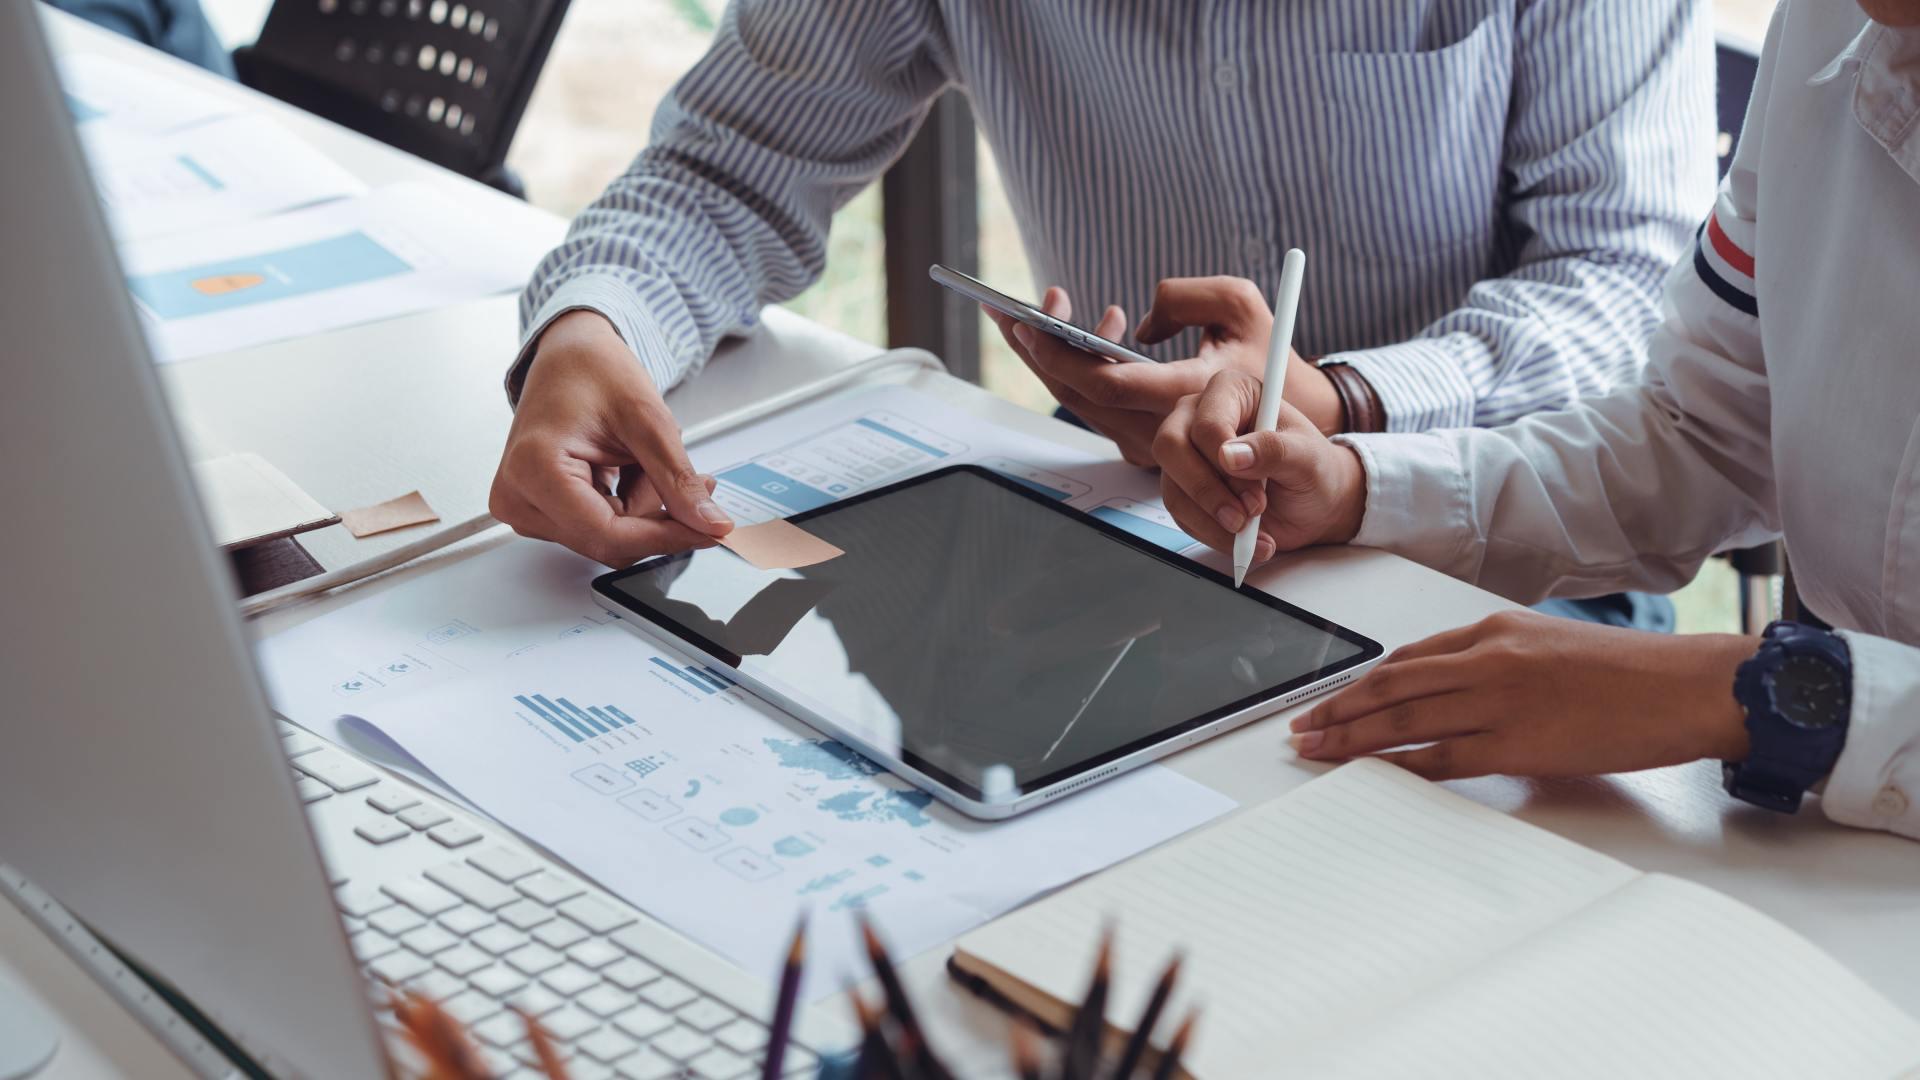 Konsequentes Digitalisieren beschleunigt die Auftragsbearbeitung